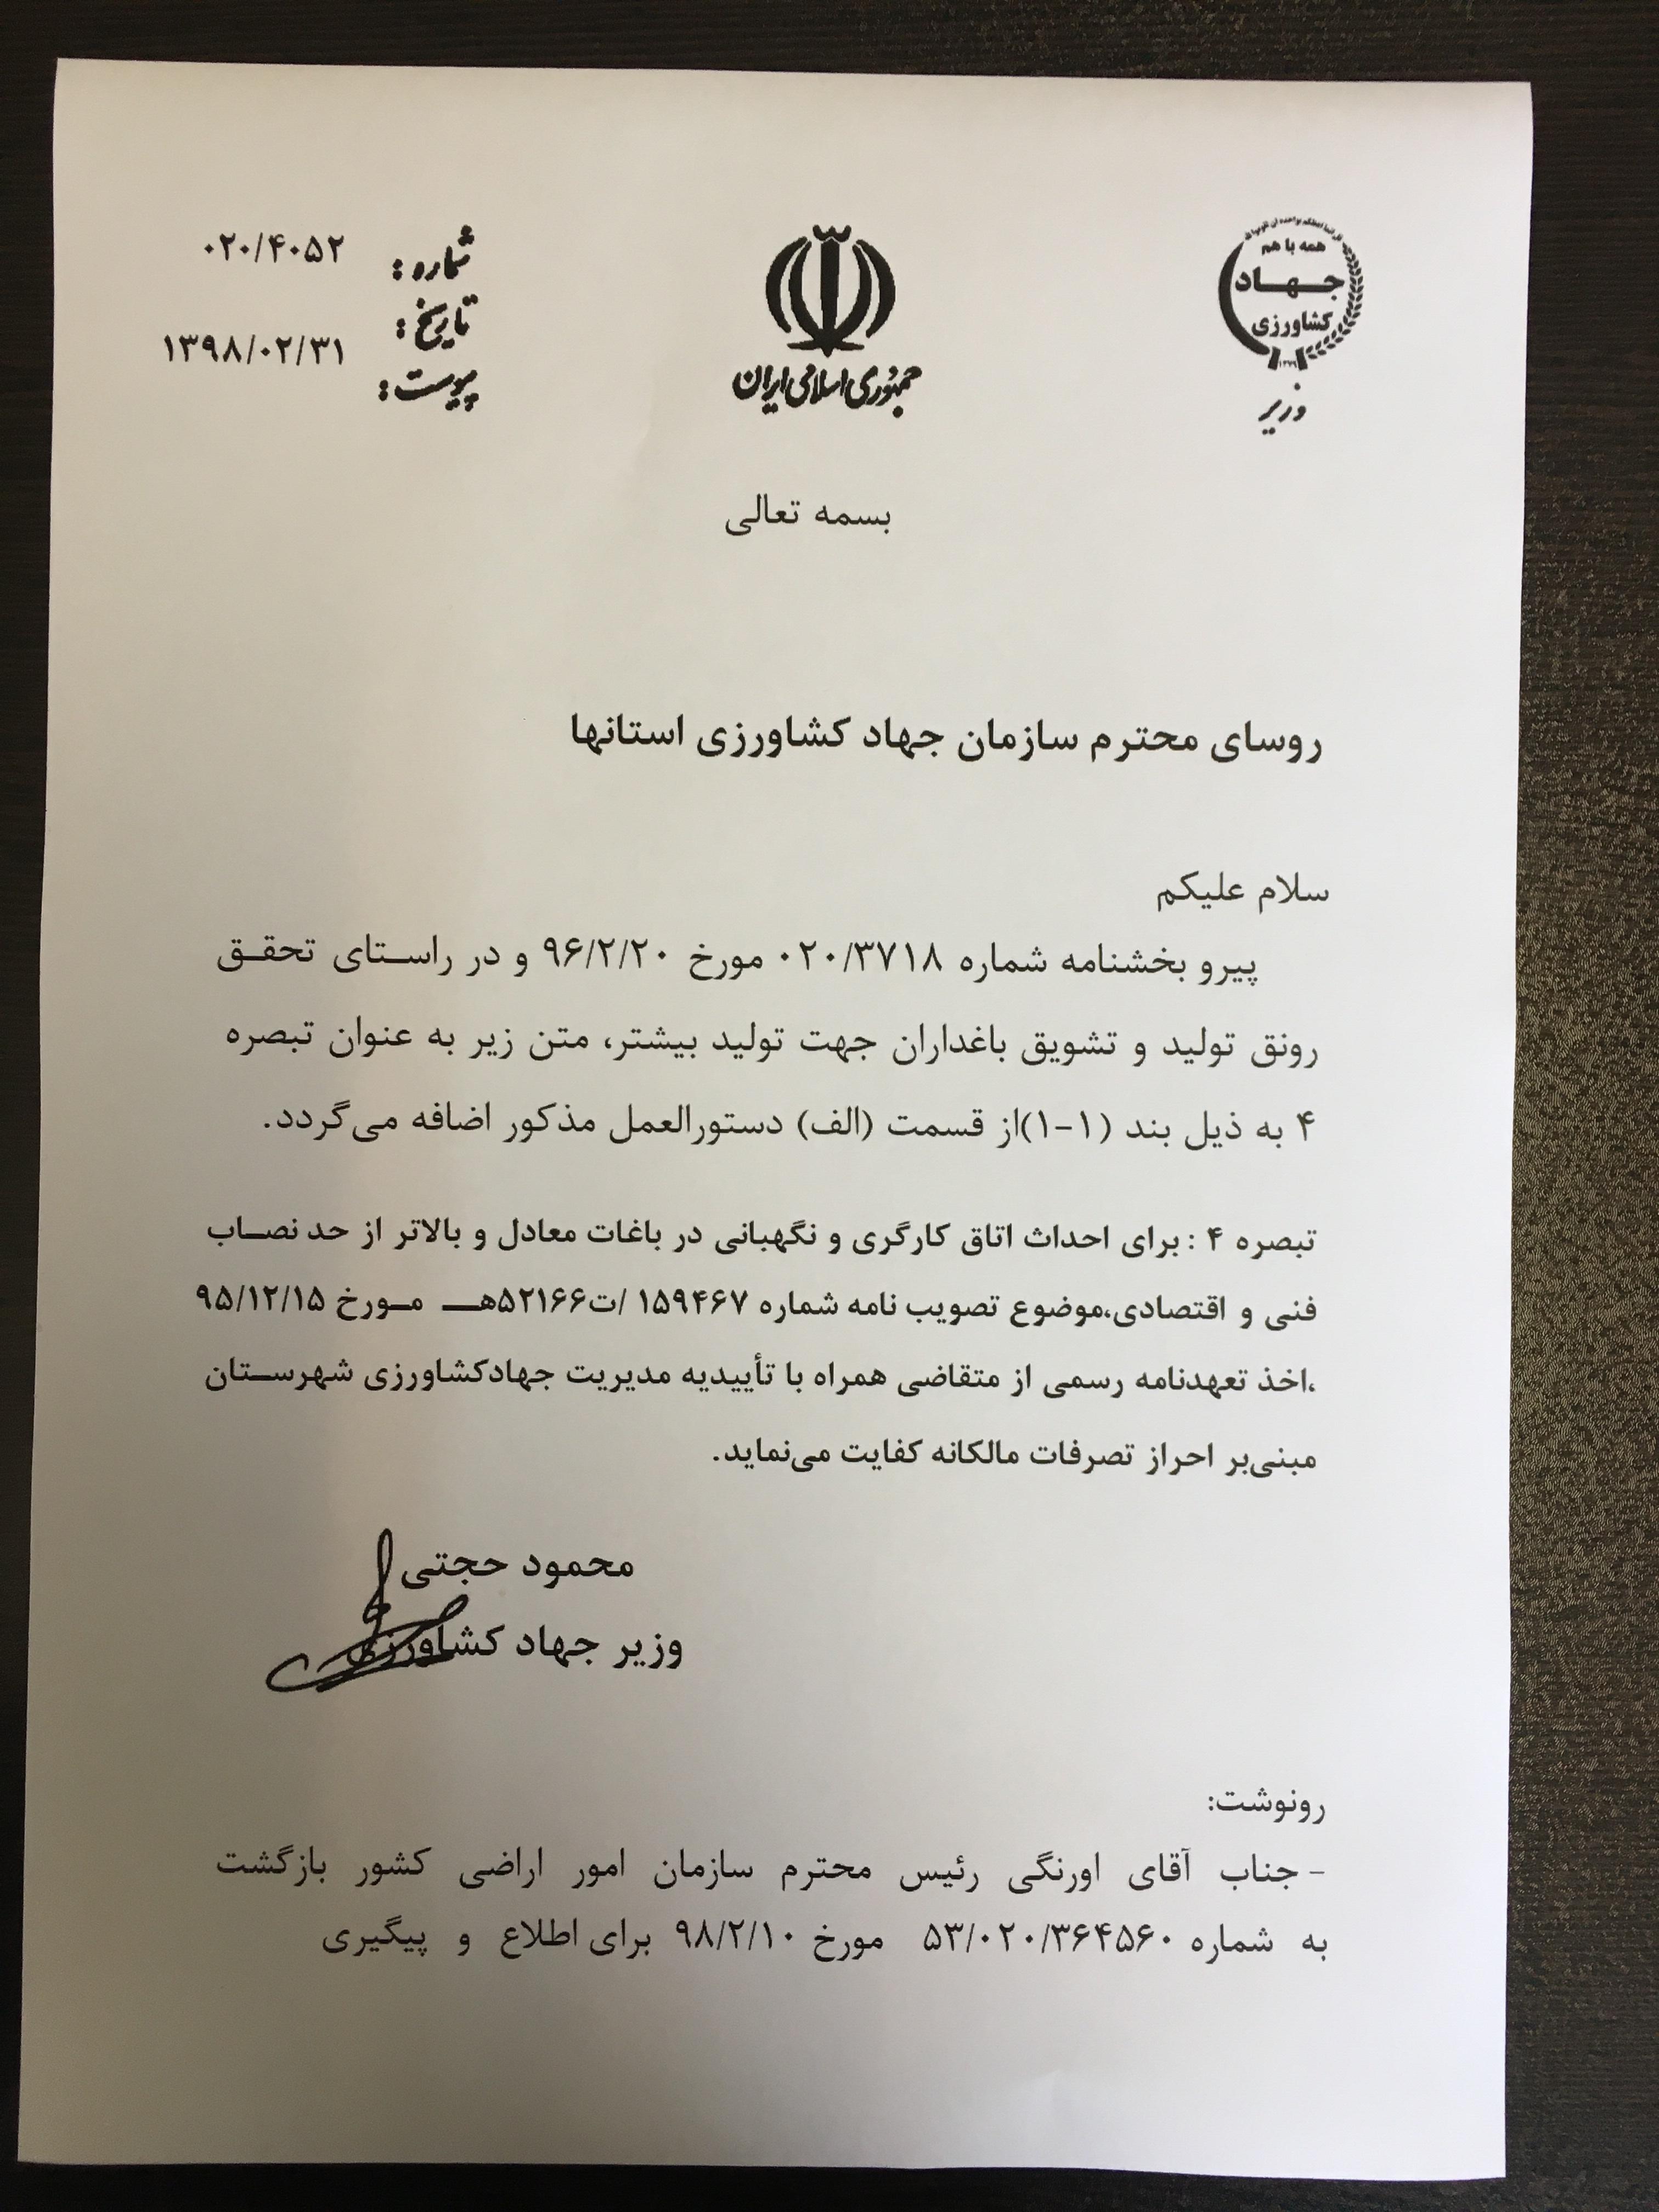 بخشنامه خلاف قانون وزیر جهاد کشاورزی در خصوص ساخت و ساز بدون سند